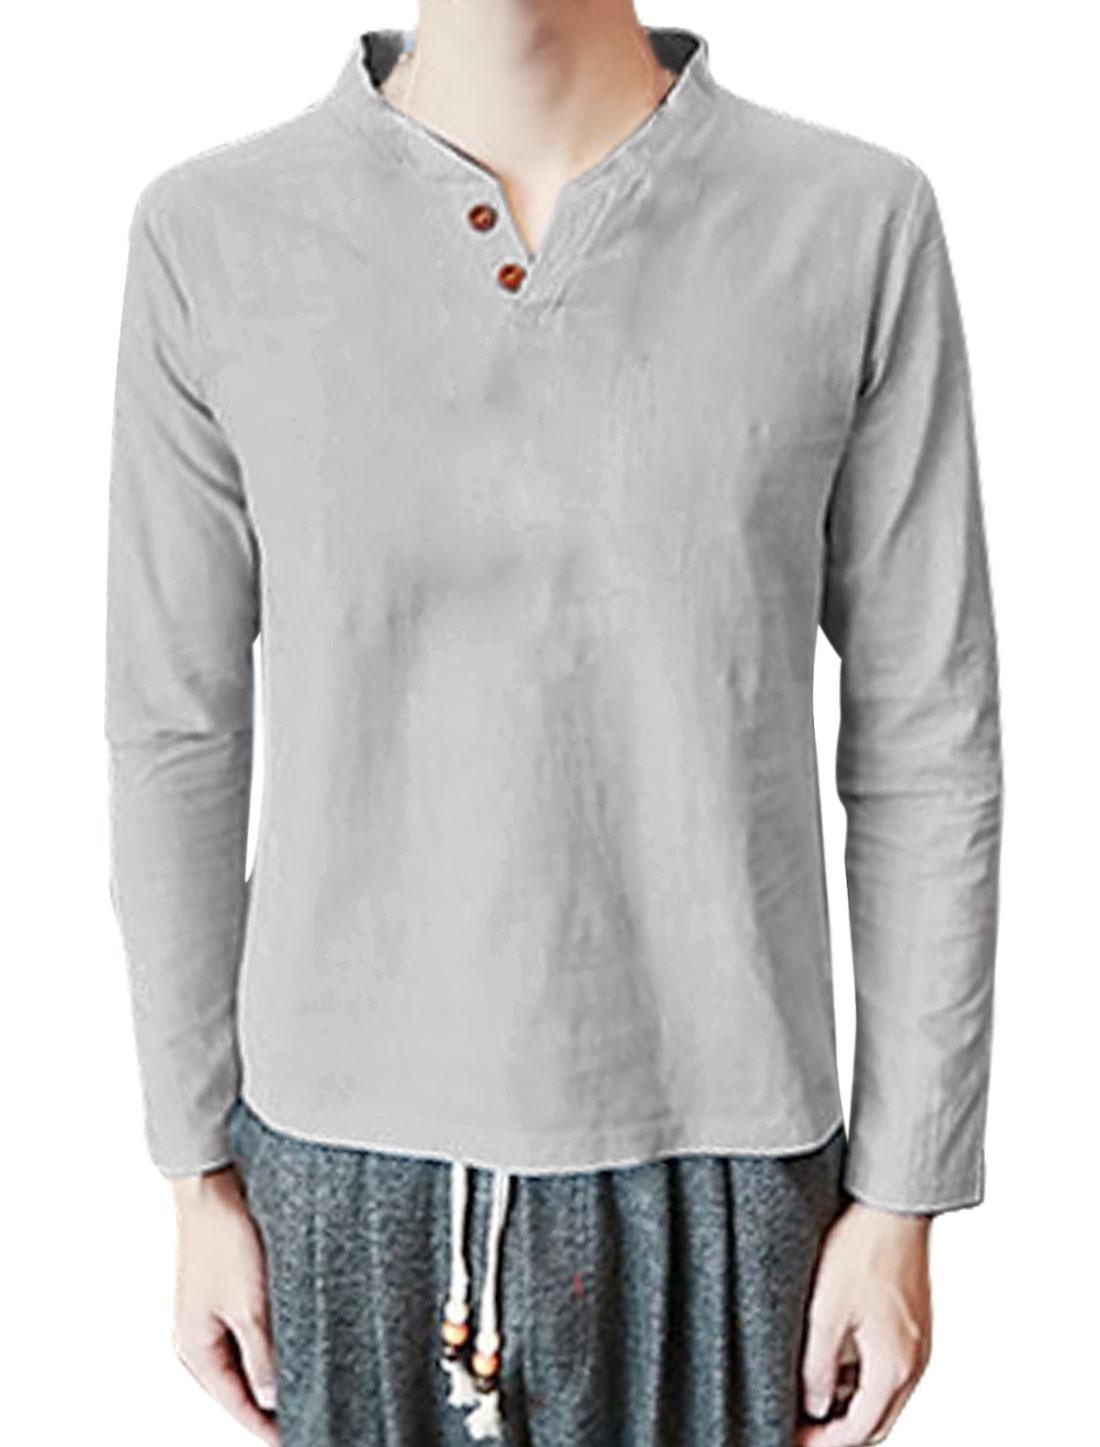 Men Split Neck Long Sleeves Buttoned T-Shirt Gray S